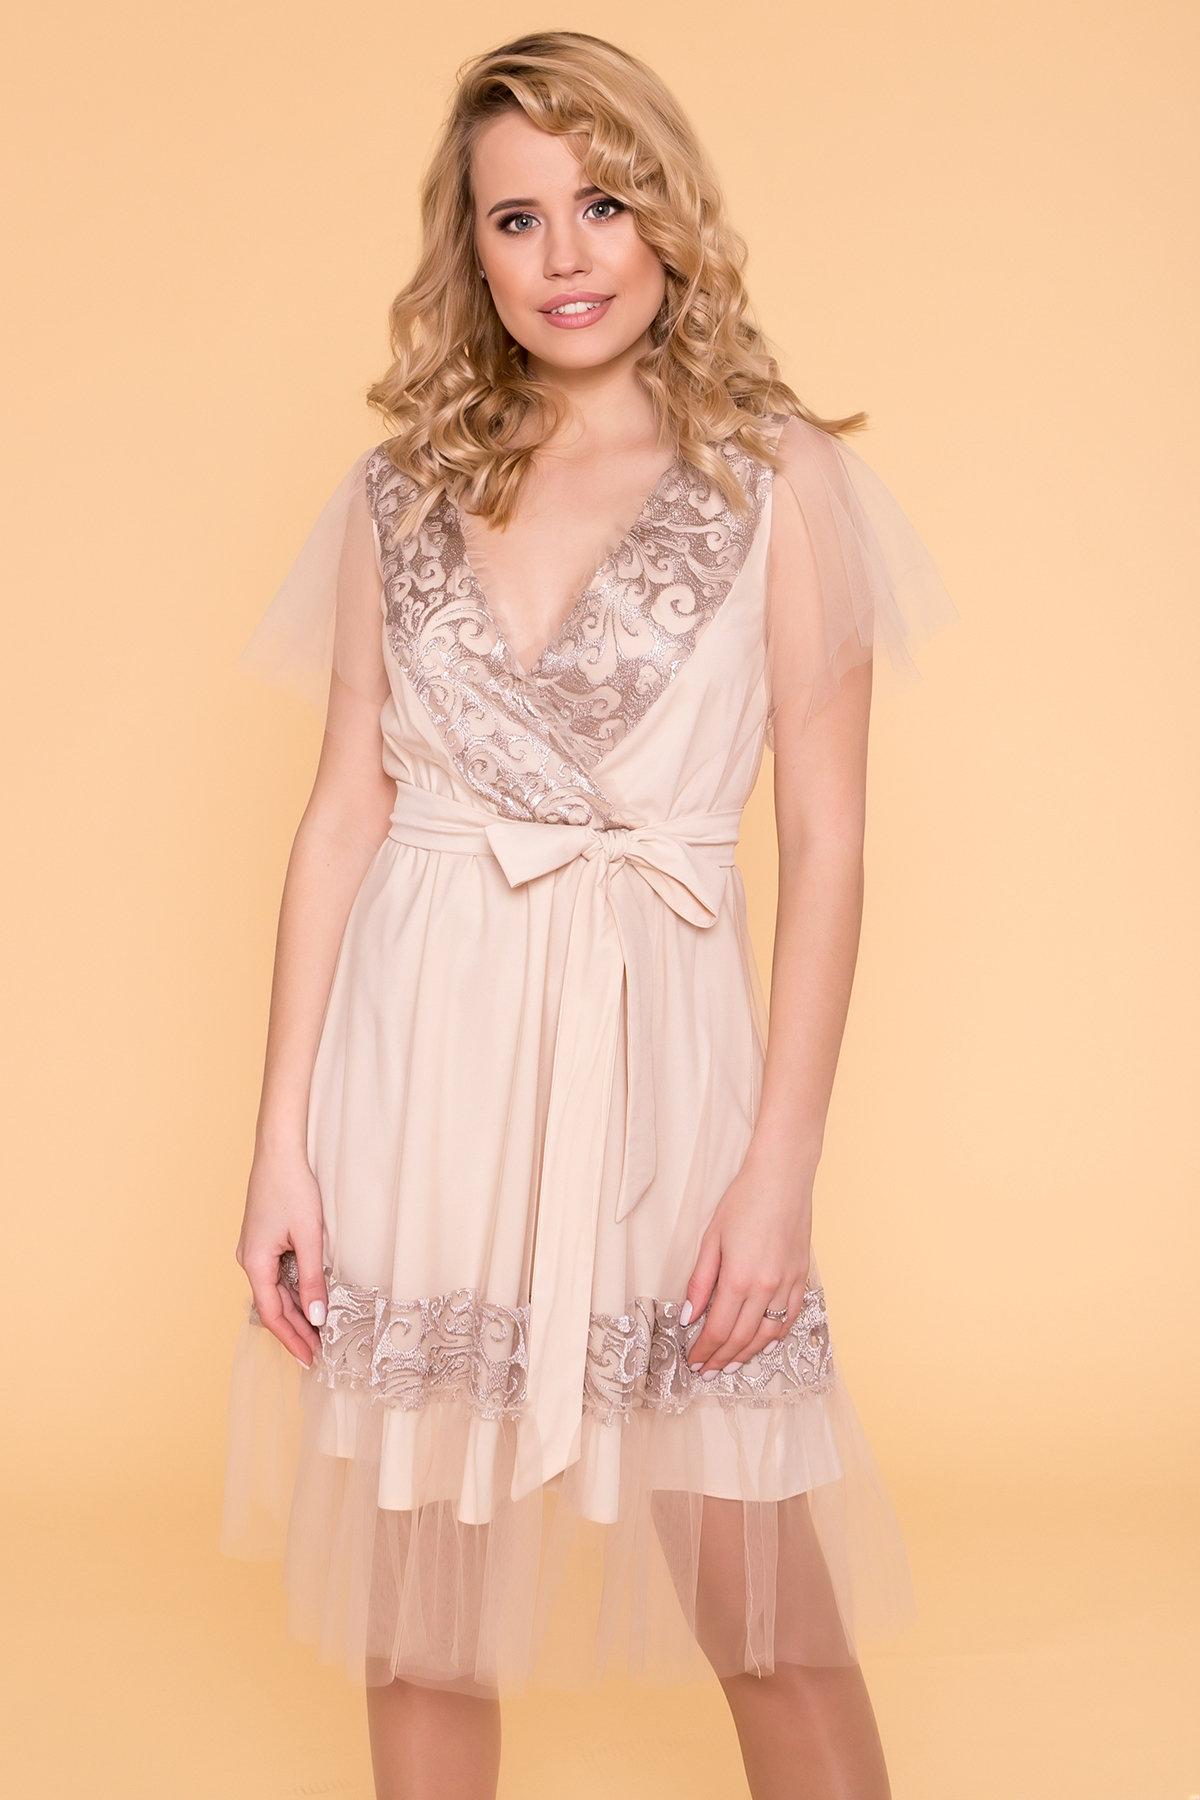 Платье Риана 6701 АРТ. 41937 Цвет: Бежевый/бежевый/бежевый - фото 3, интернет магазин tm-modus.ru